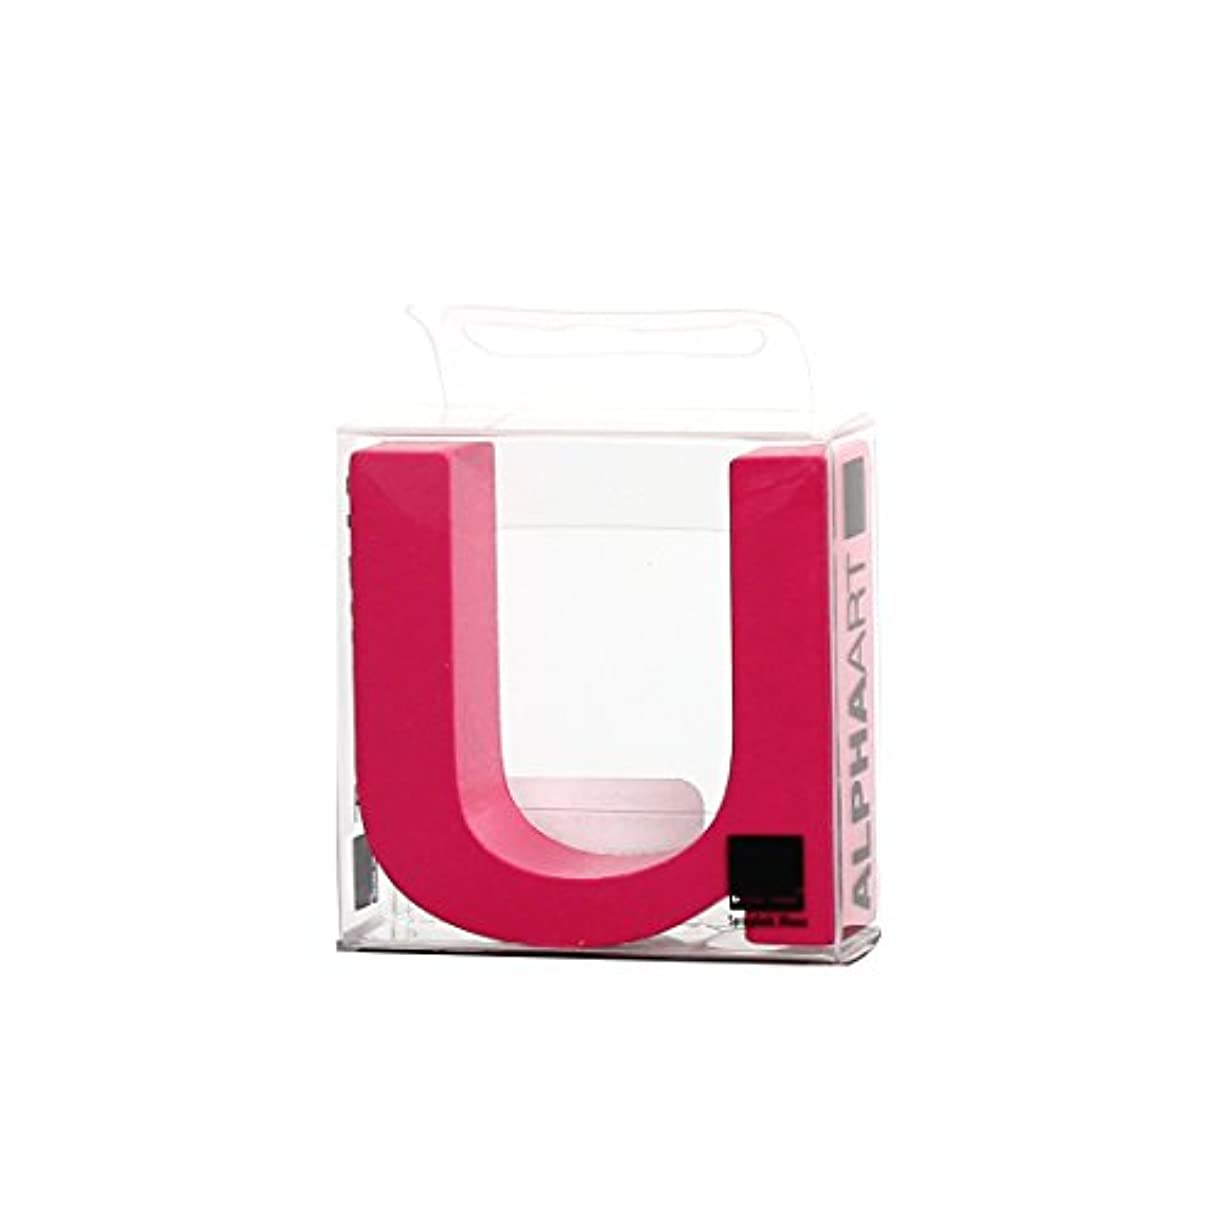 フラフープ特別に一杯カメヤマキャンドルハウス アルファベットブロック カラフル  アルファアートスモールu 「 ピンク 」